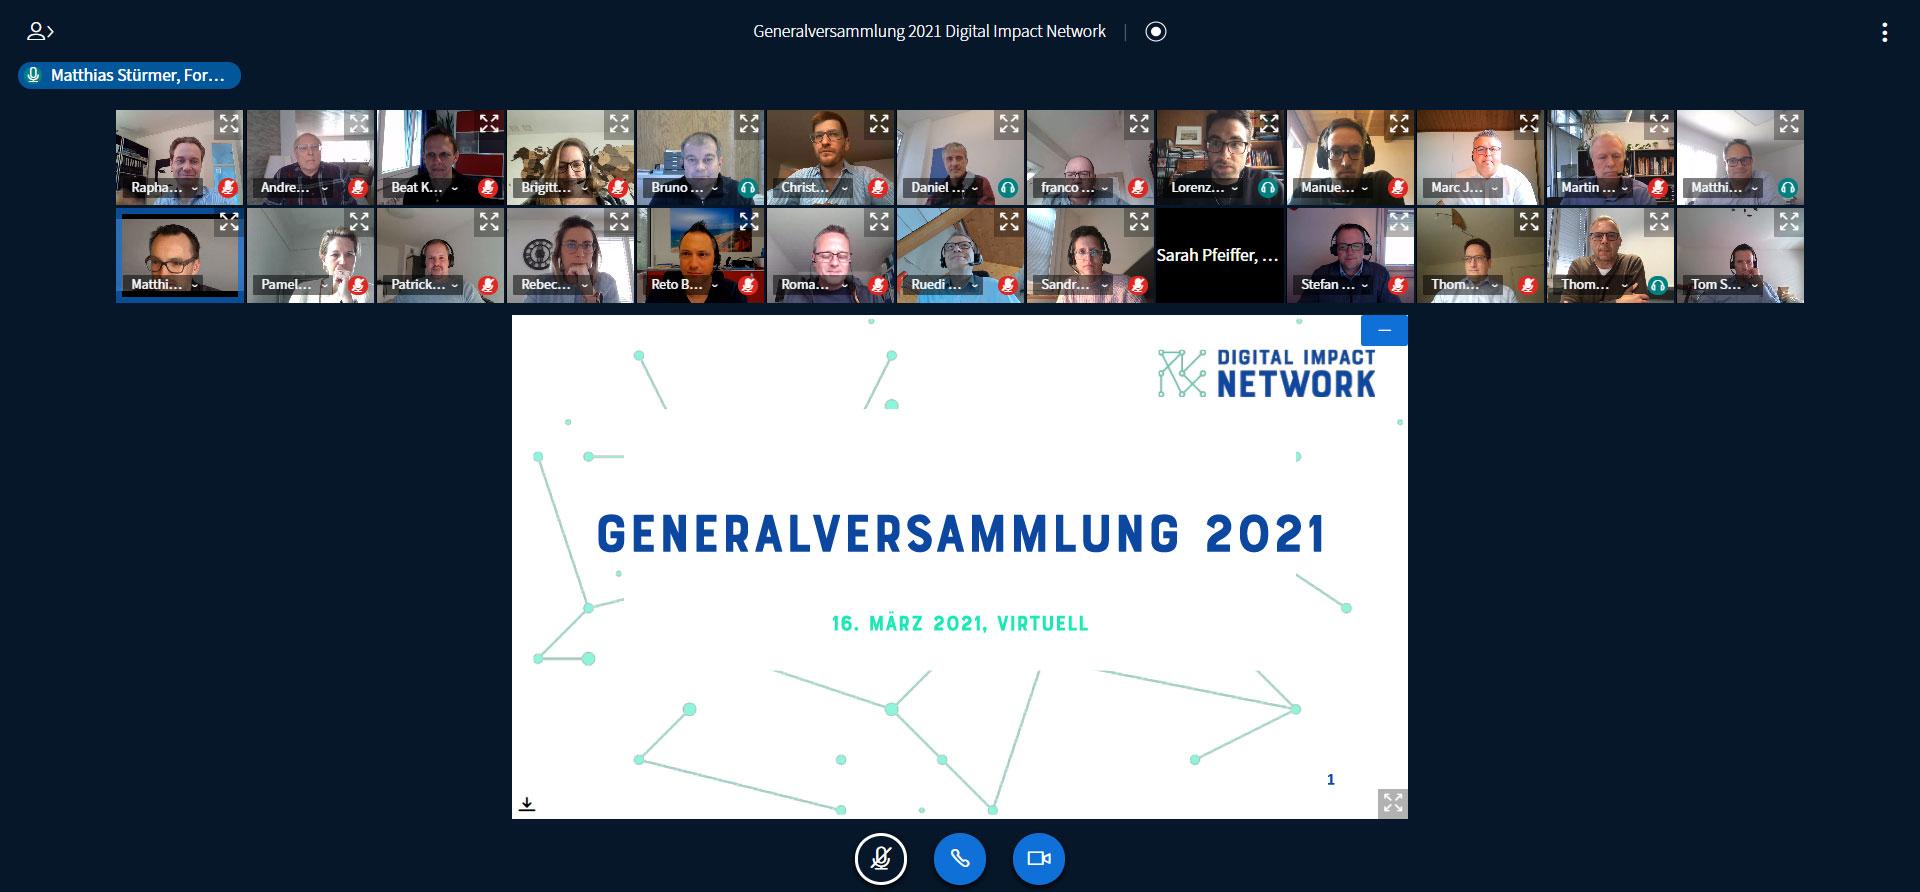 DIN_GV_2021 (1)